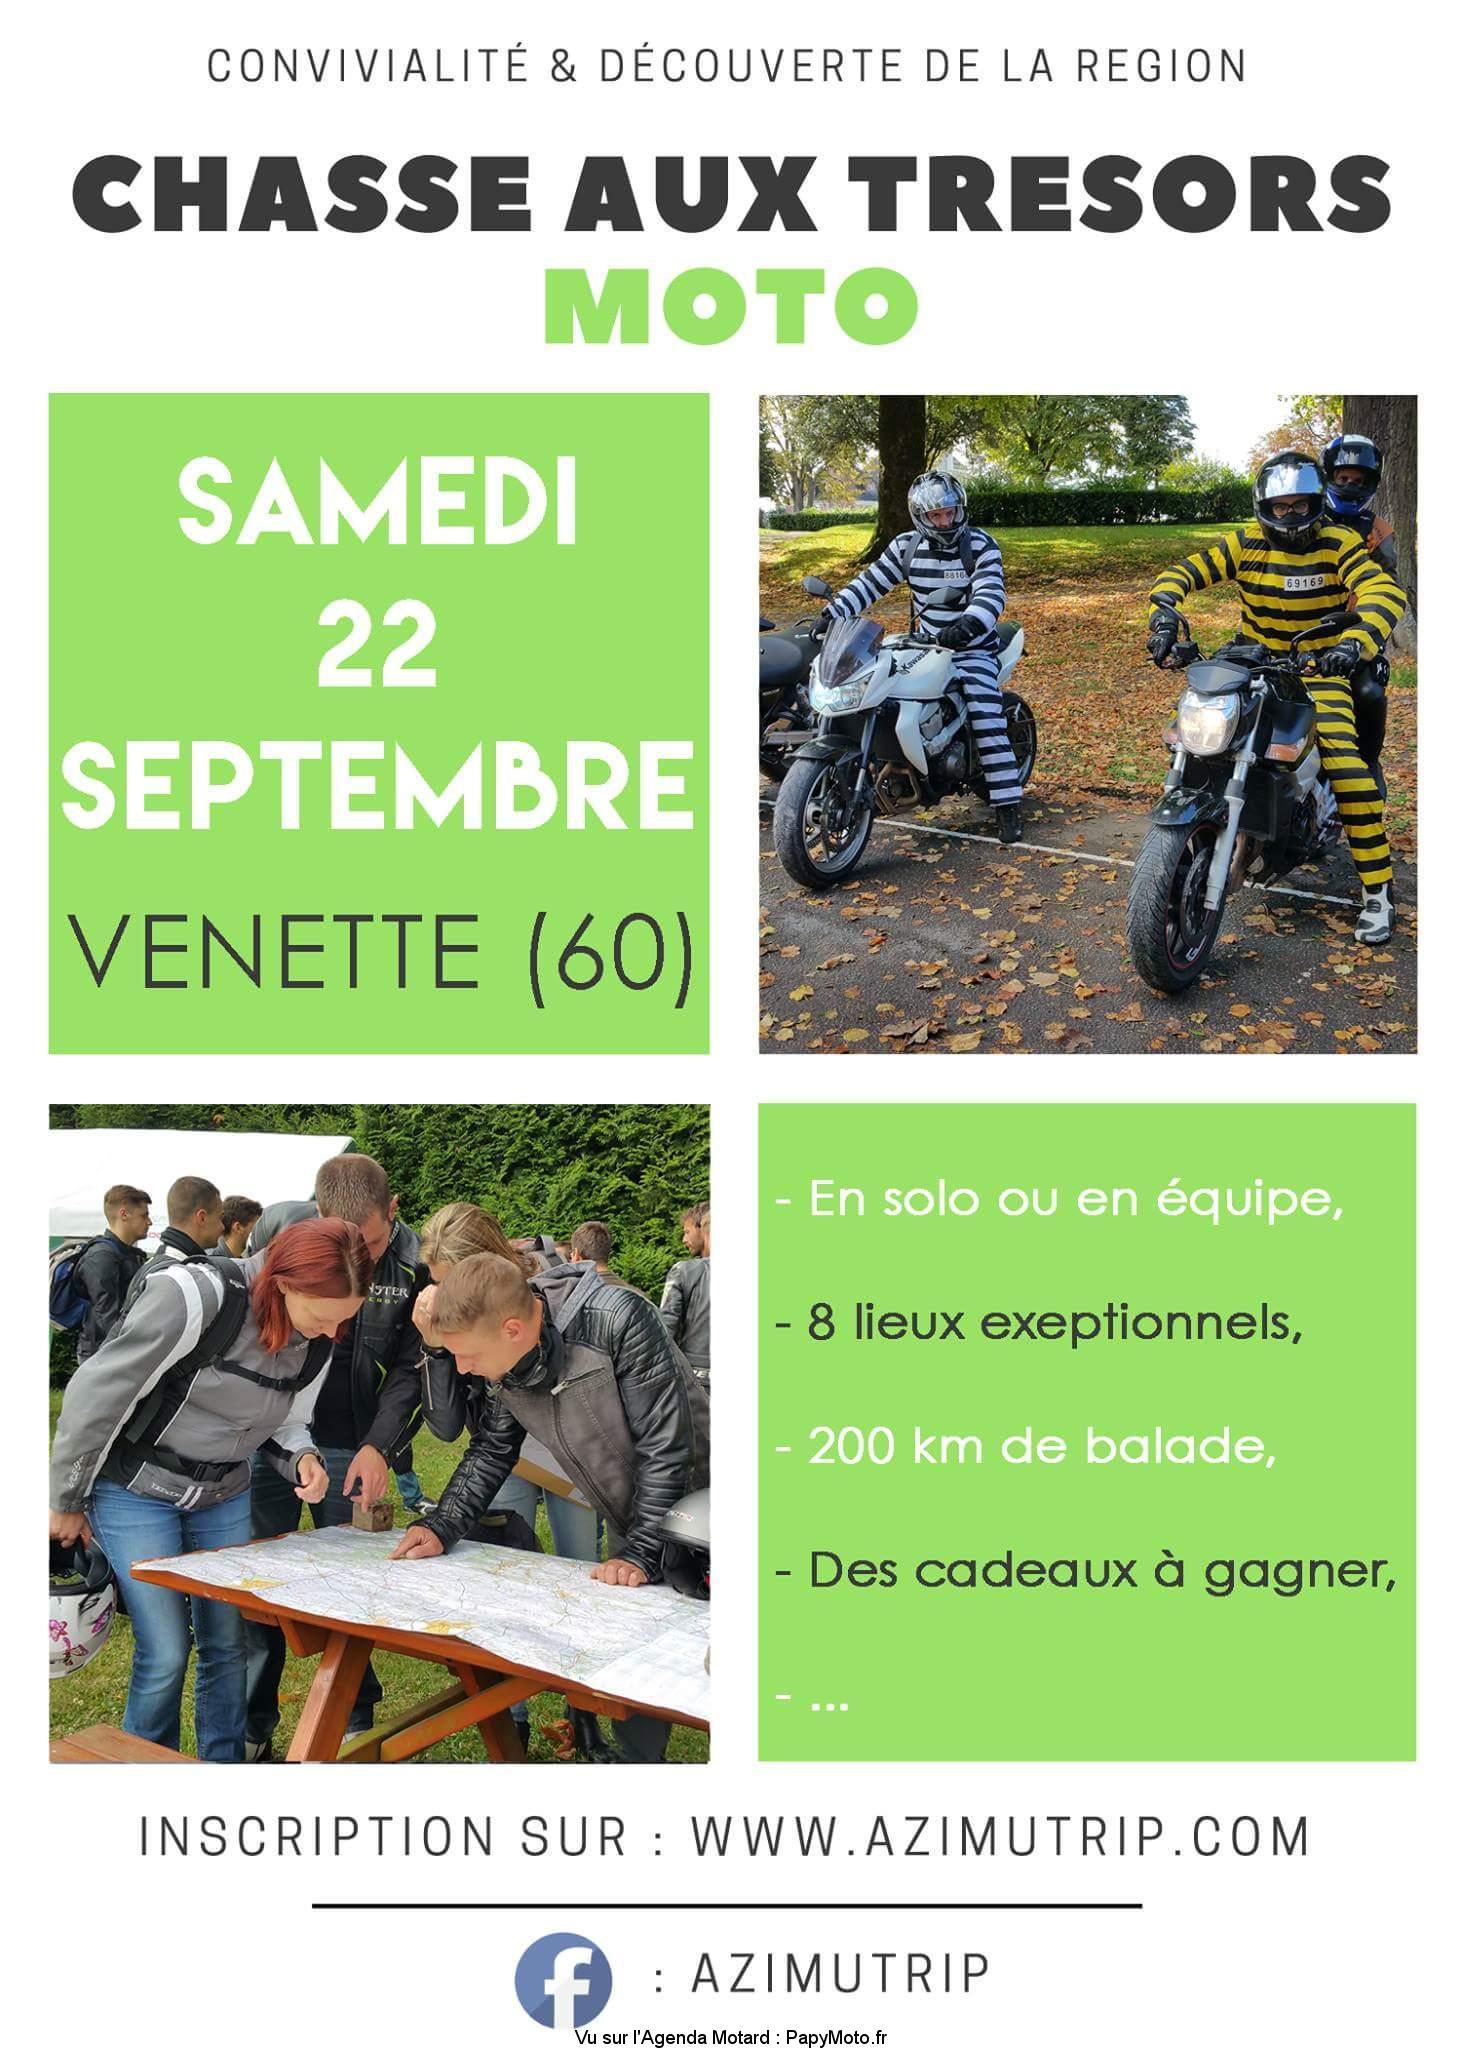 Chasse aux trésors MOTO  – Venette (60)